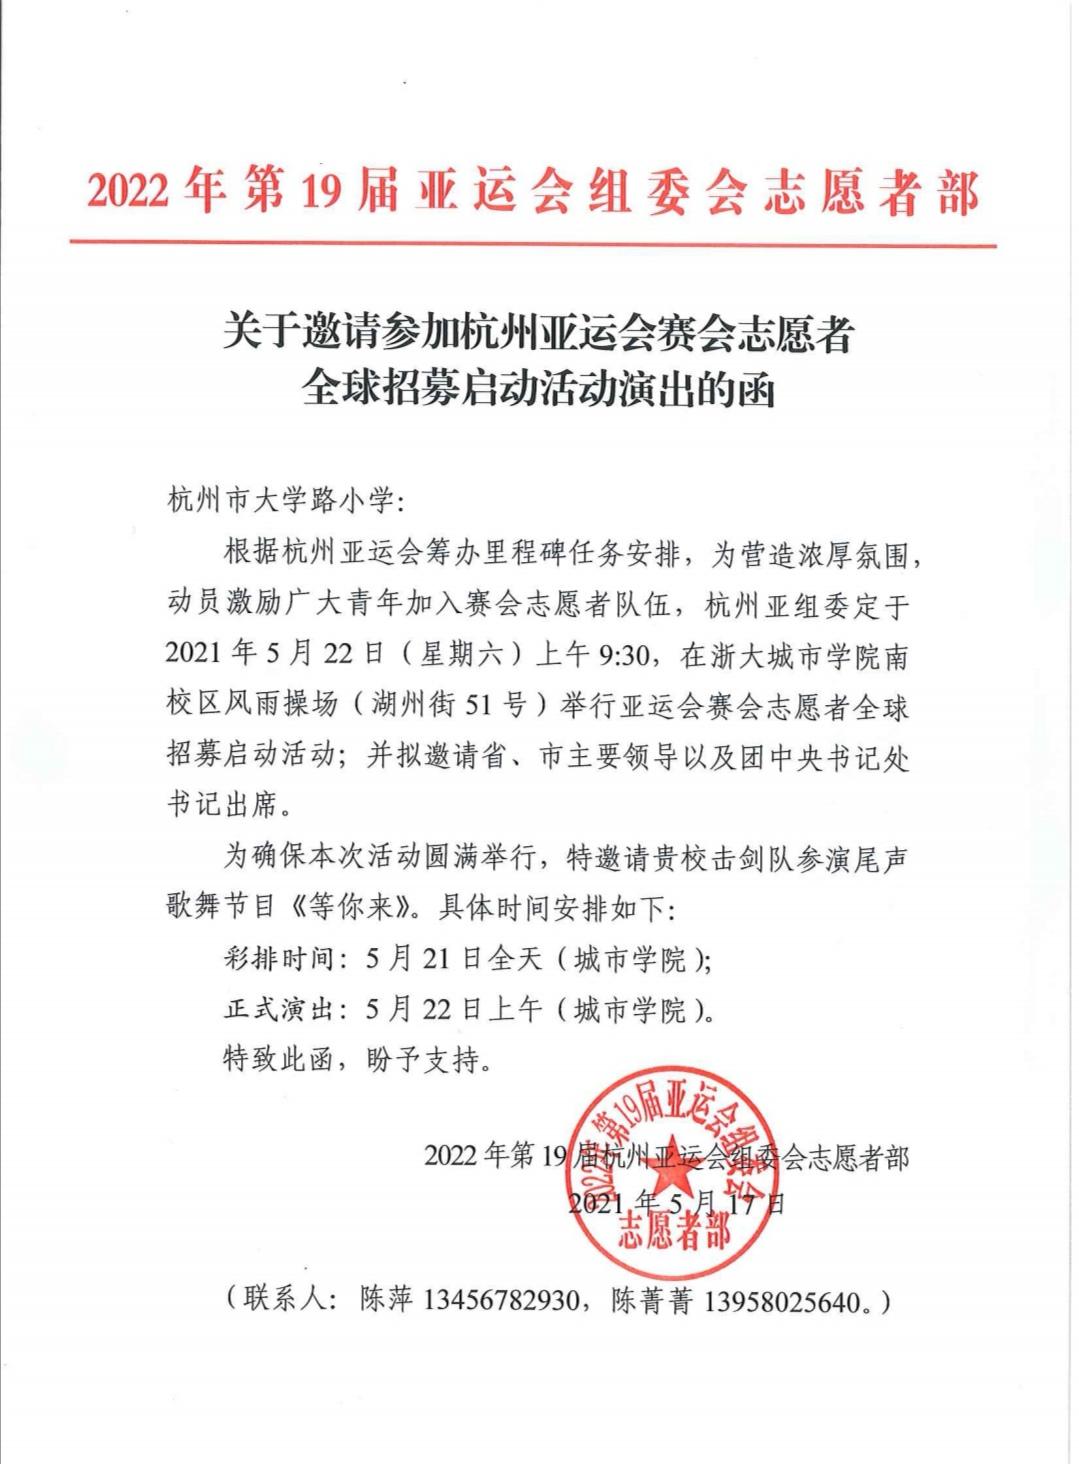 邀请参加杭州亚运会赛会志愿者全球招募启动活动演出的函